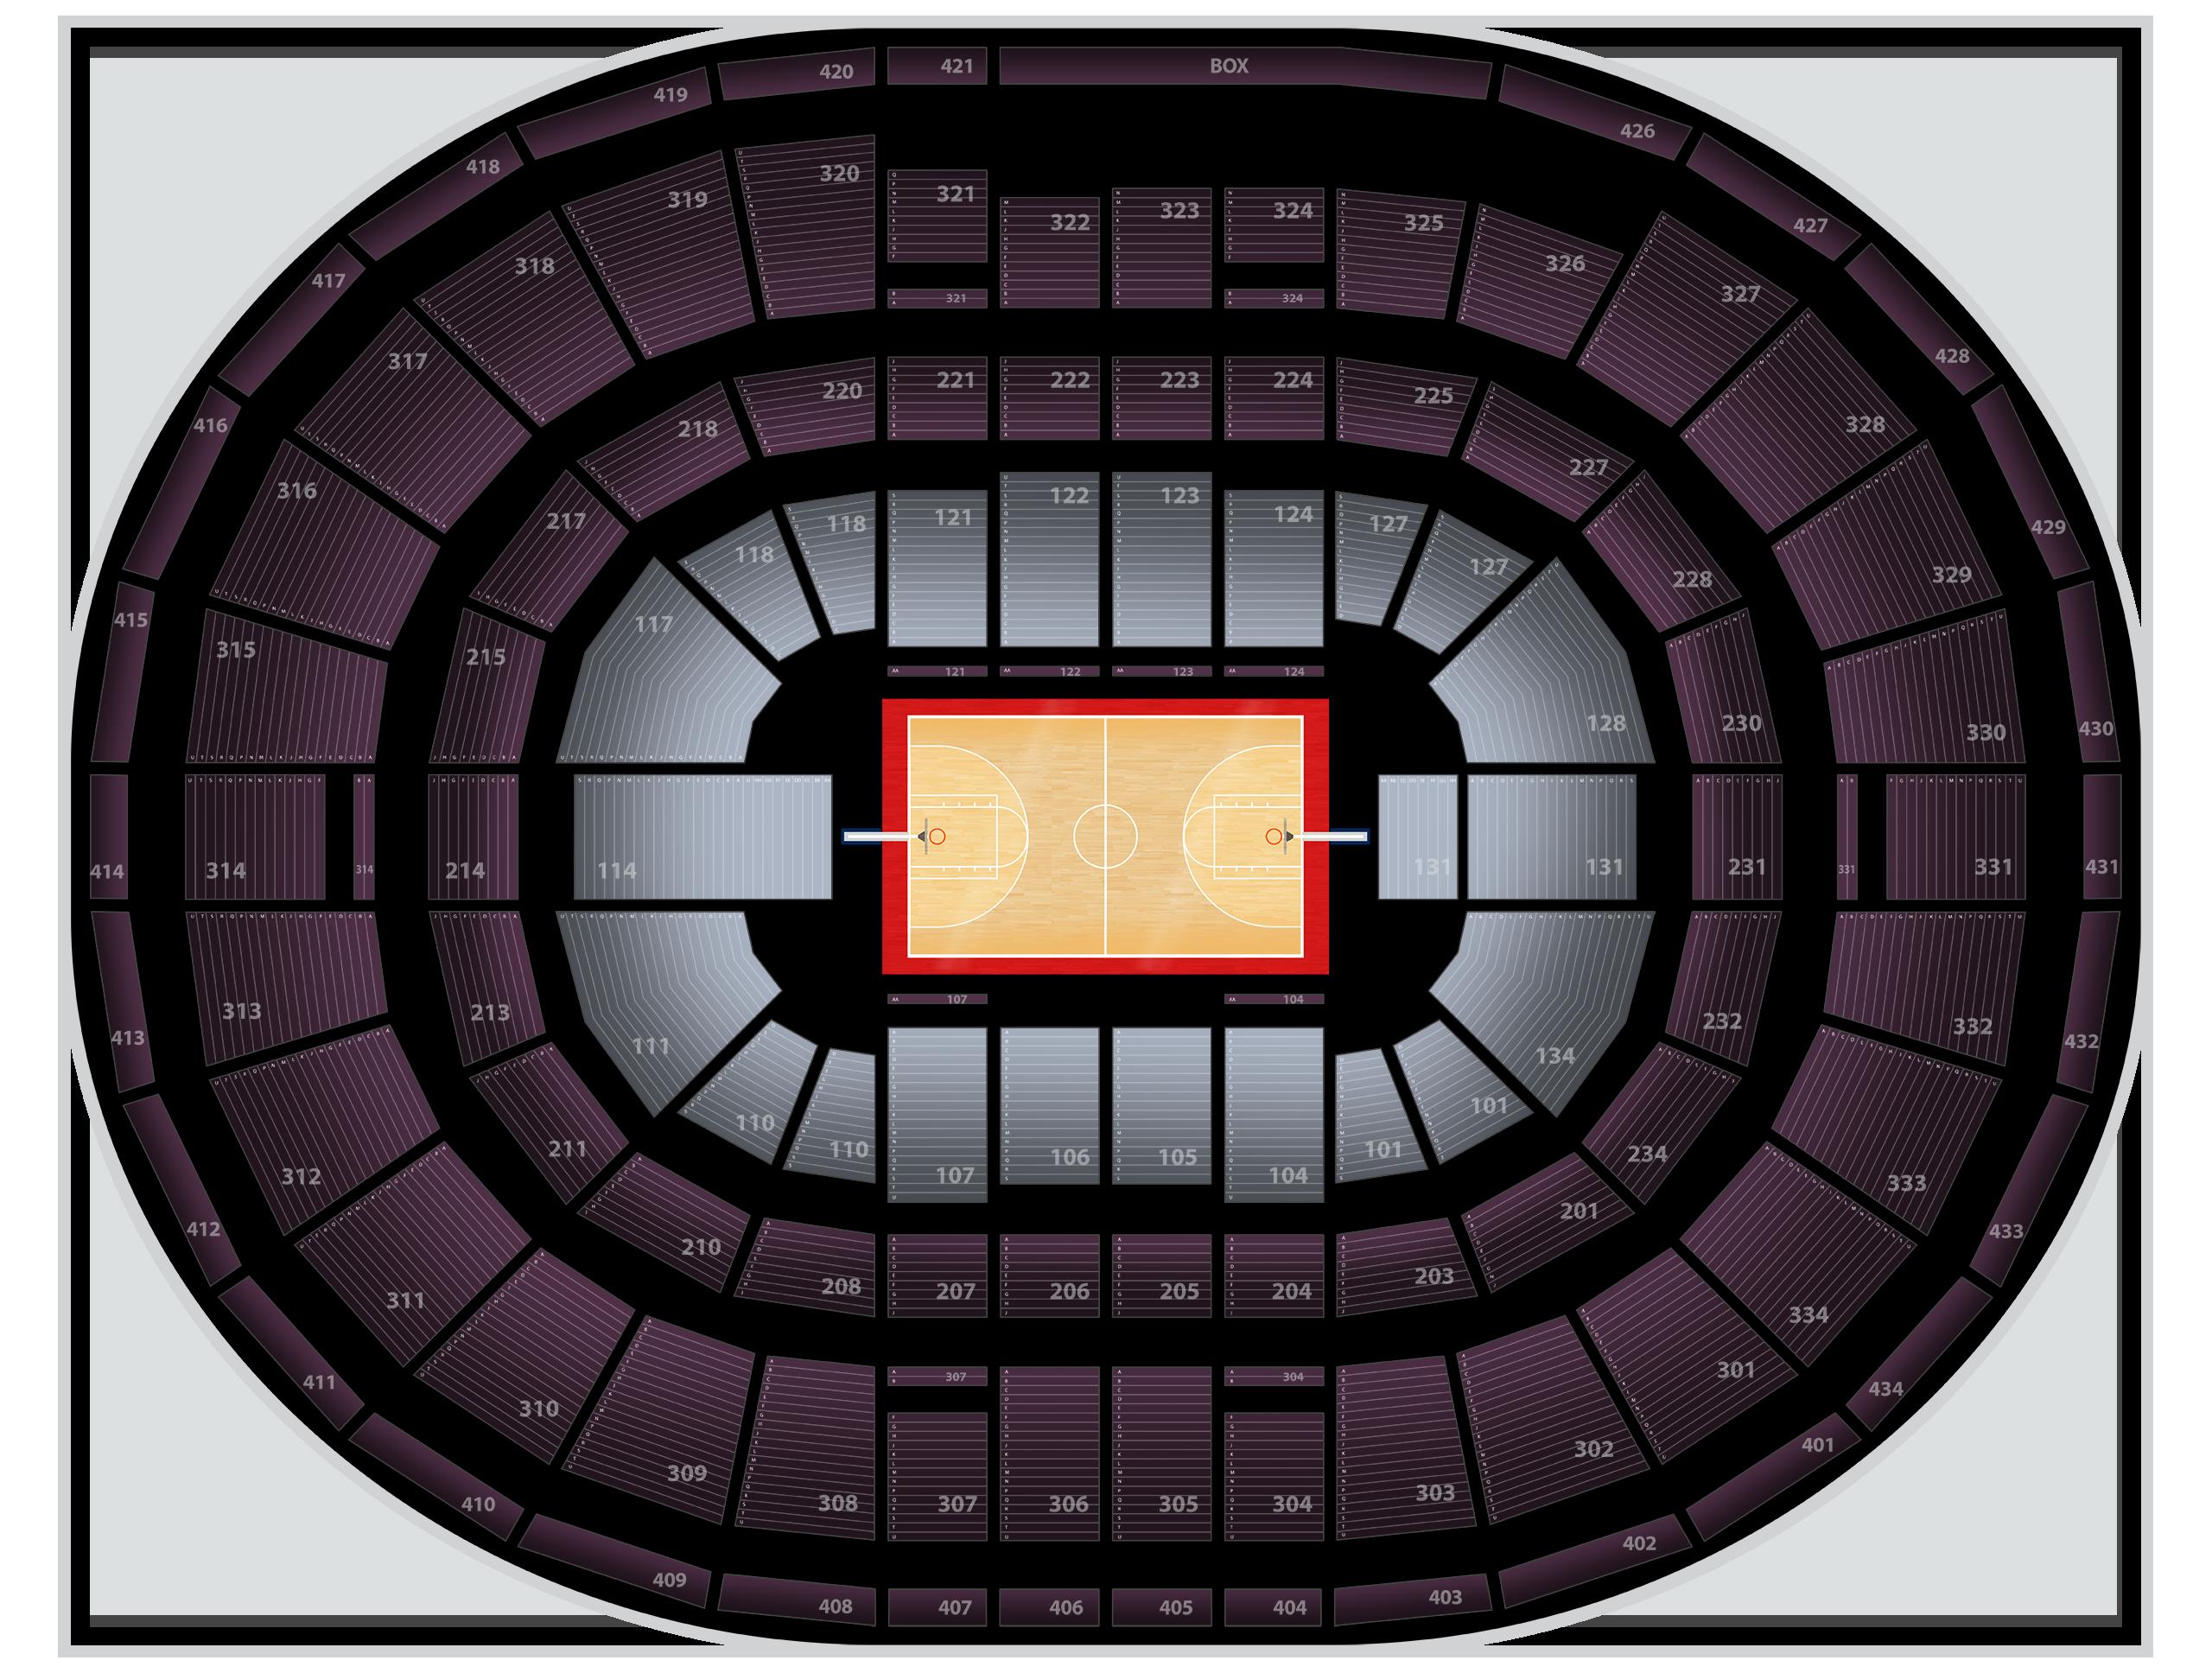 Schottenstein Center Tickets